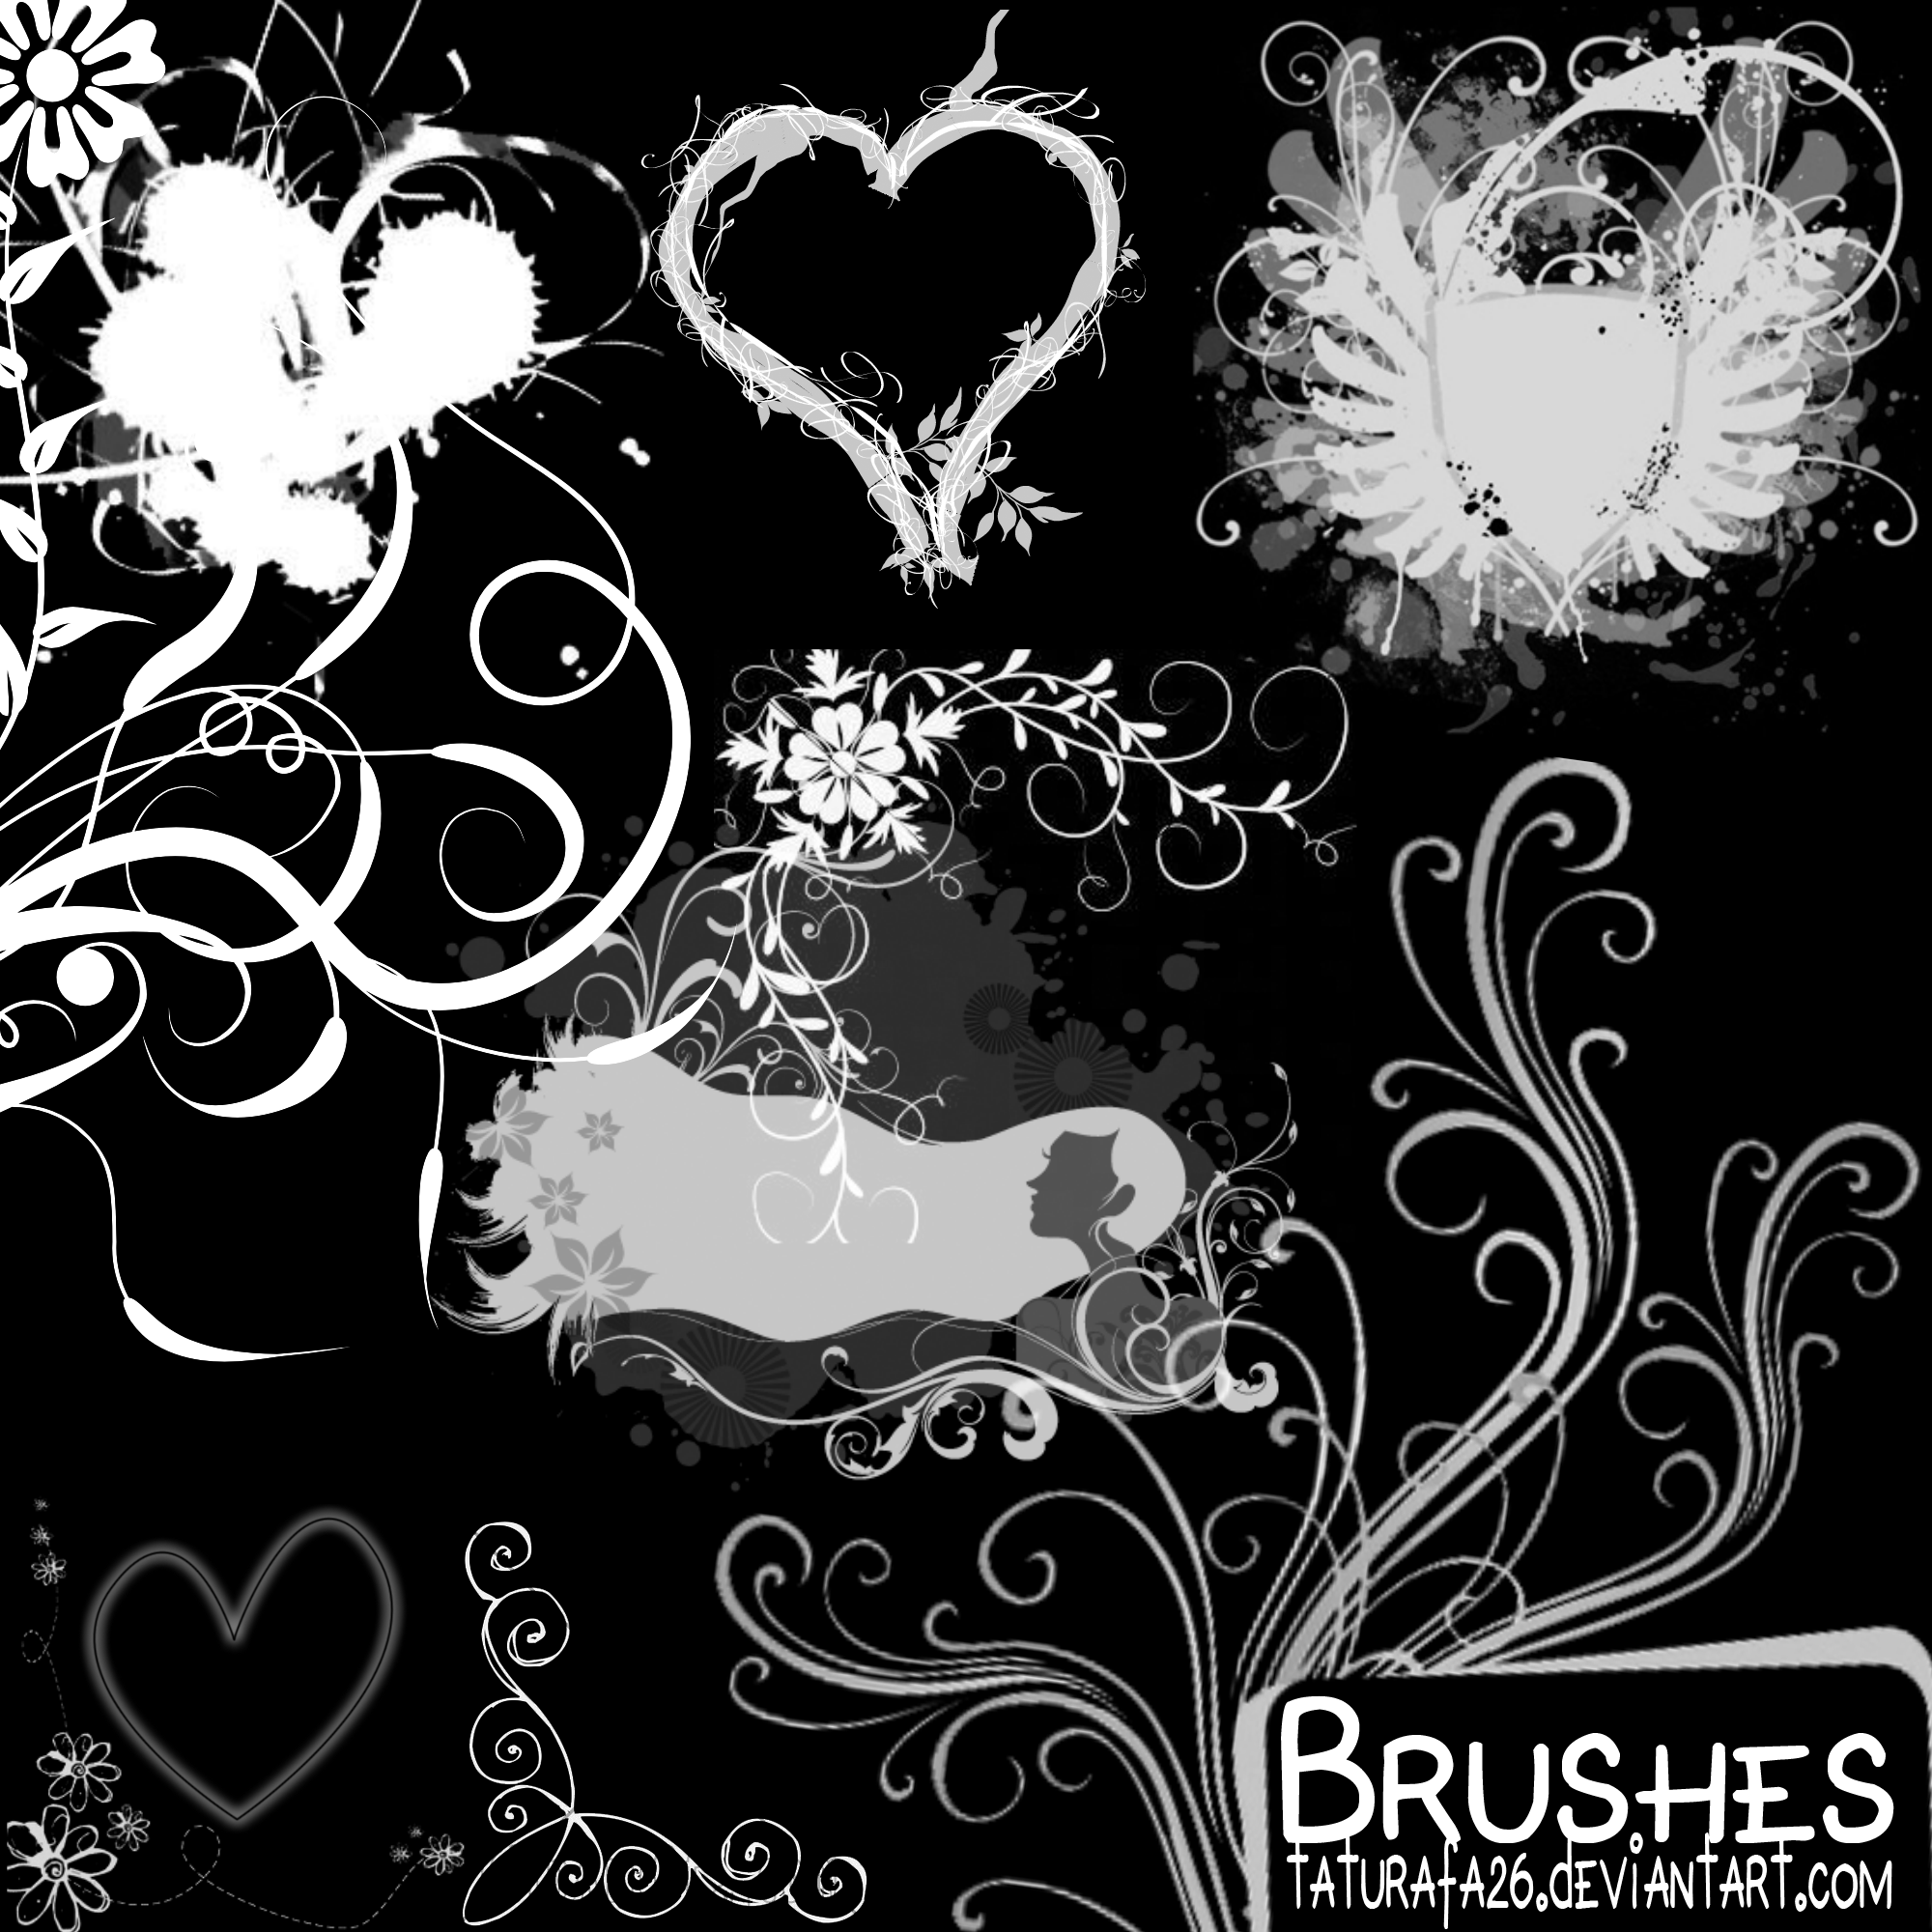 Brushes 1 by TATURAFA-26